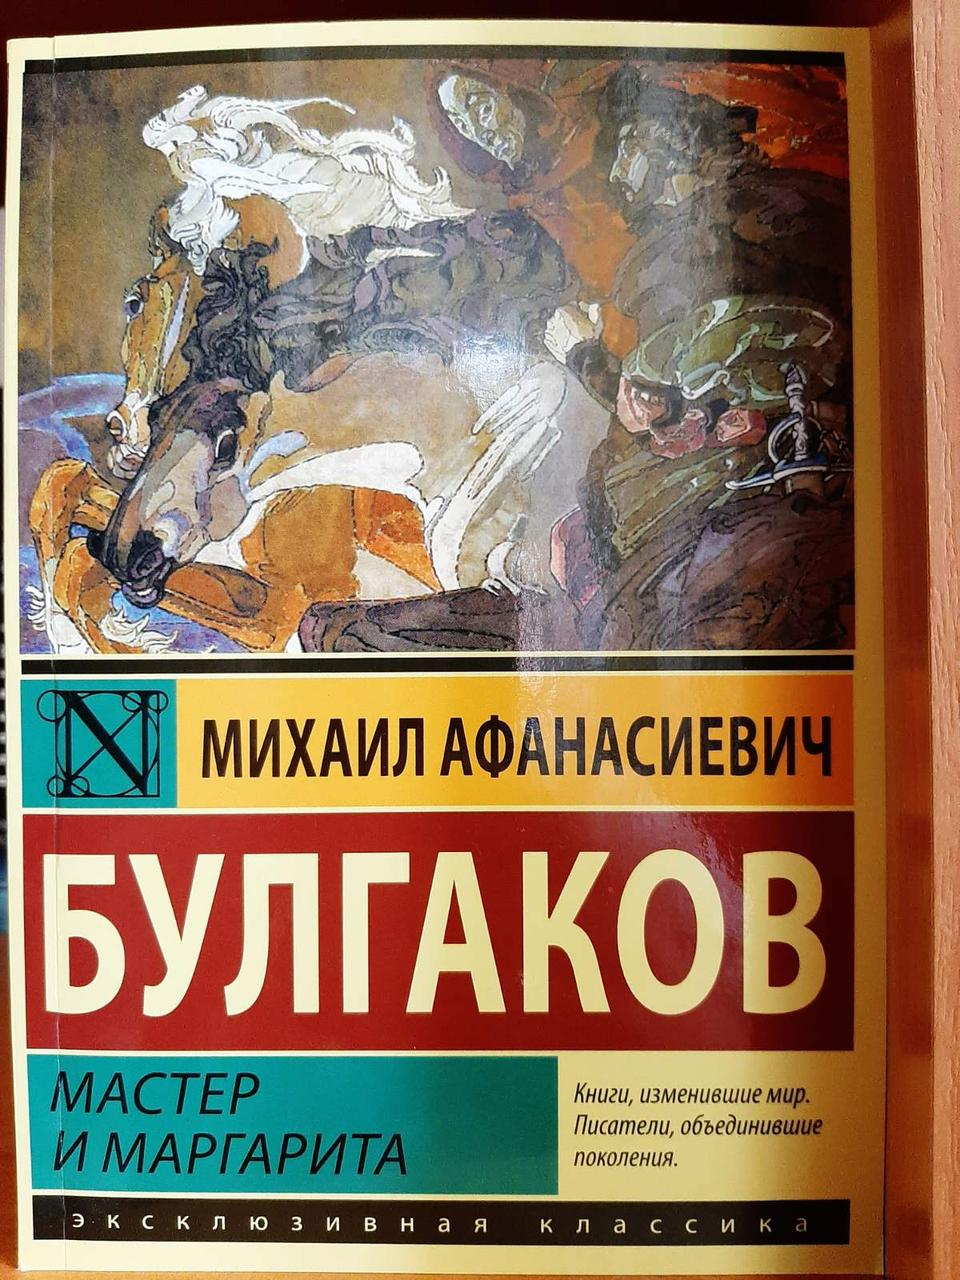 """Михаил Булгаков """"Мастер и Маргарита"""" (мягкая обложка)"""